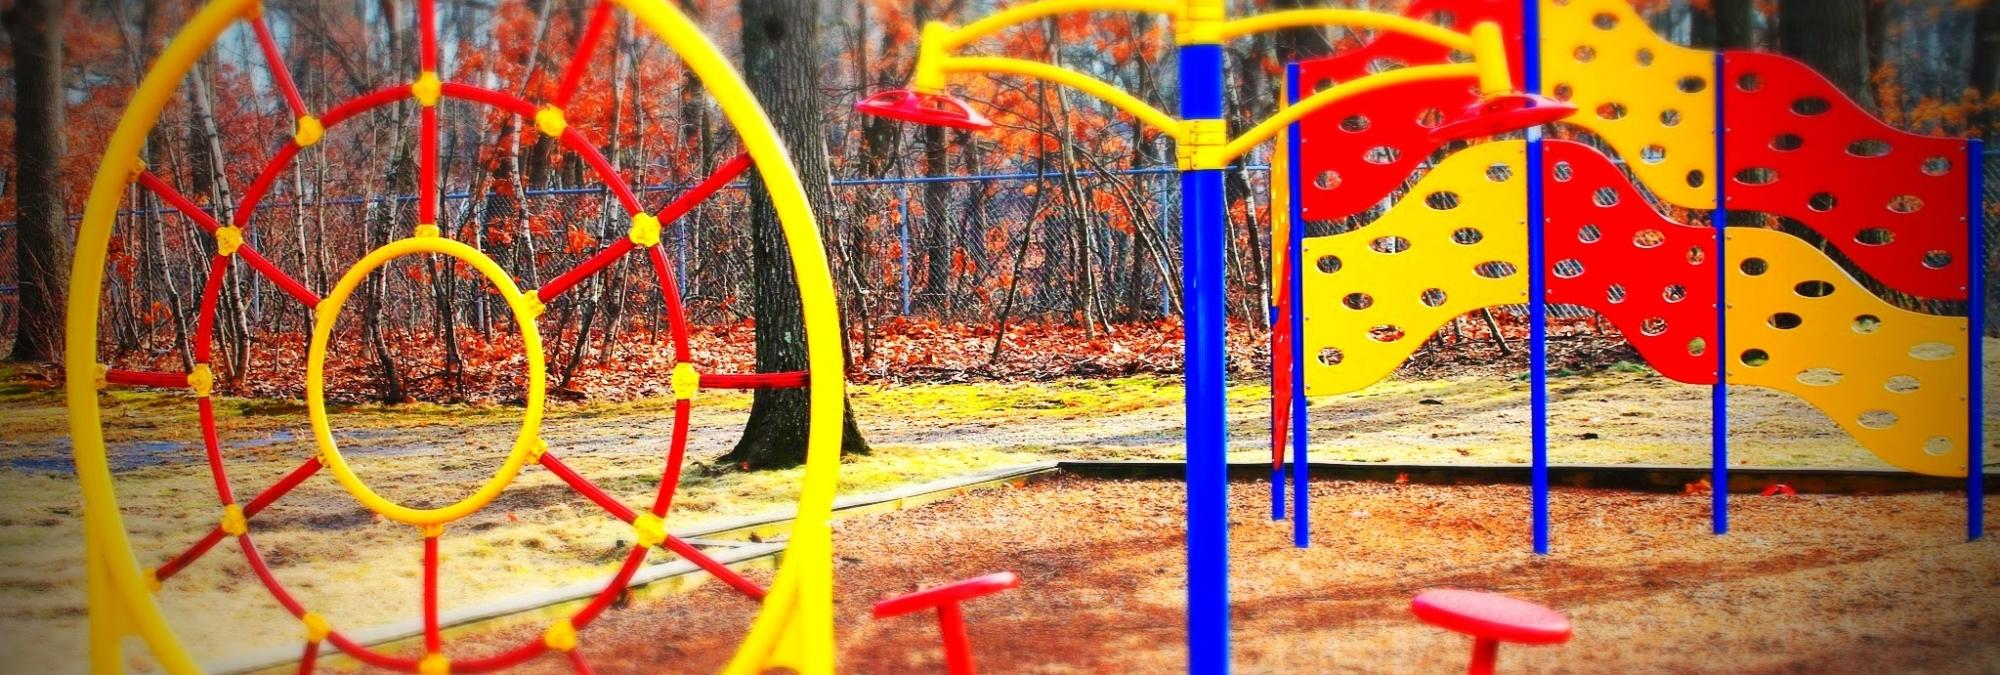 Playground try 2 8.8.14